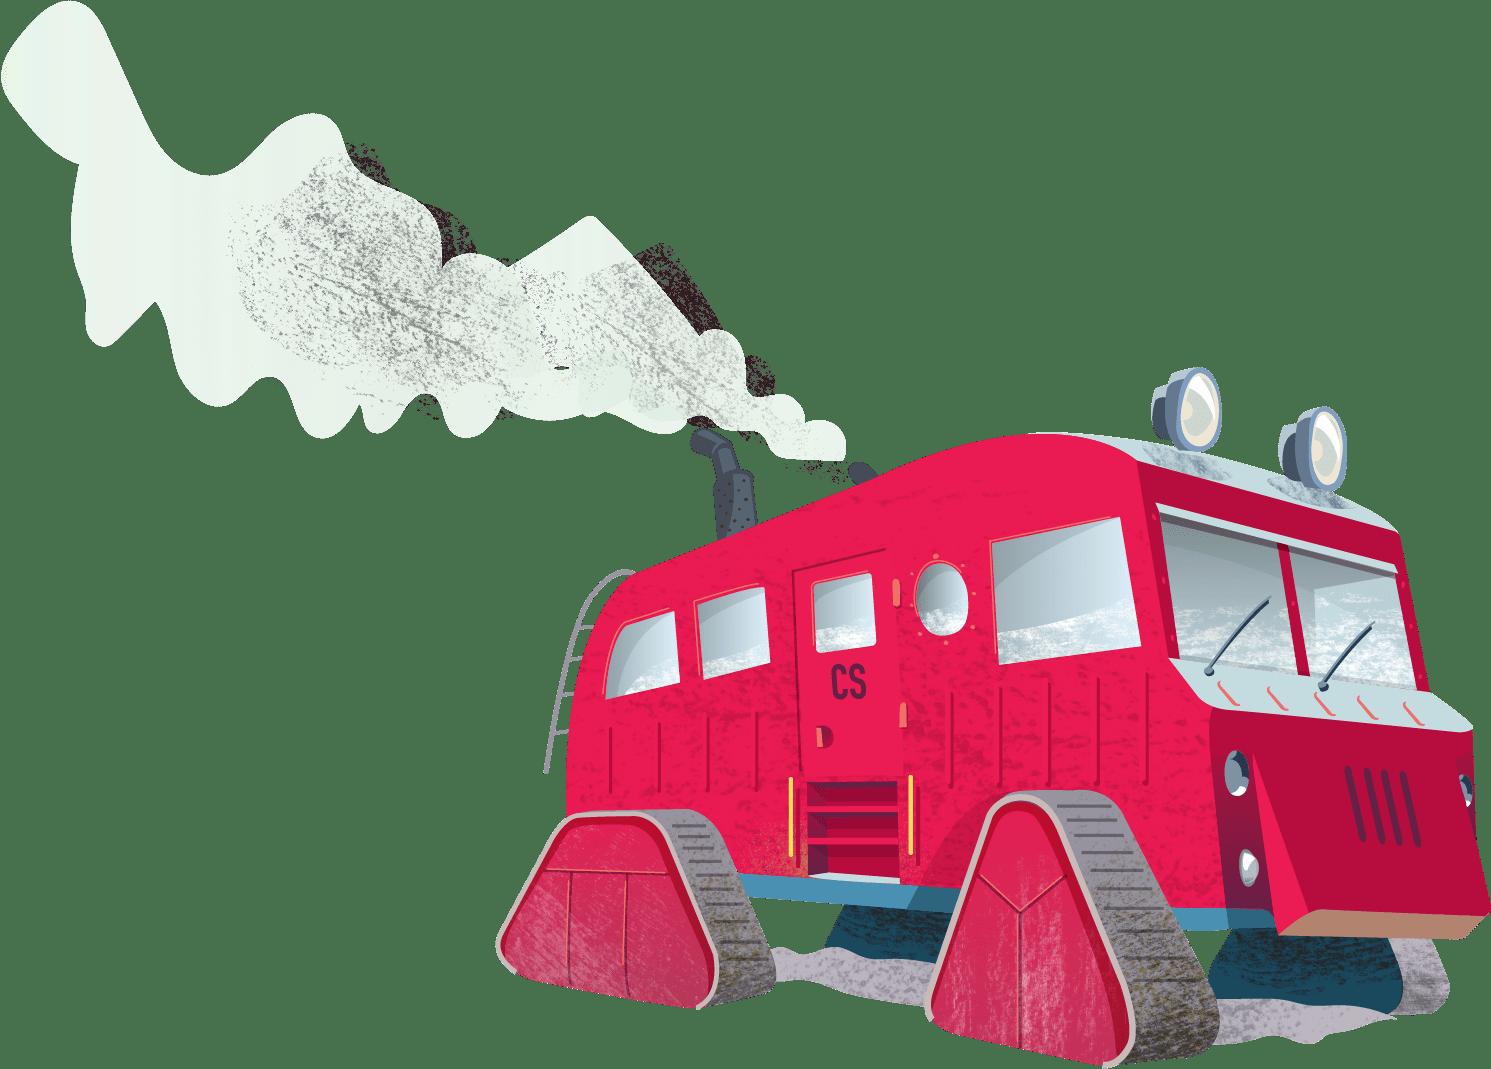 a polar exploration vehicle